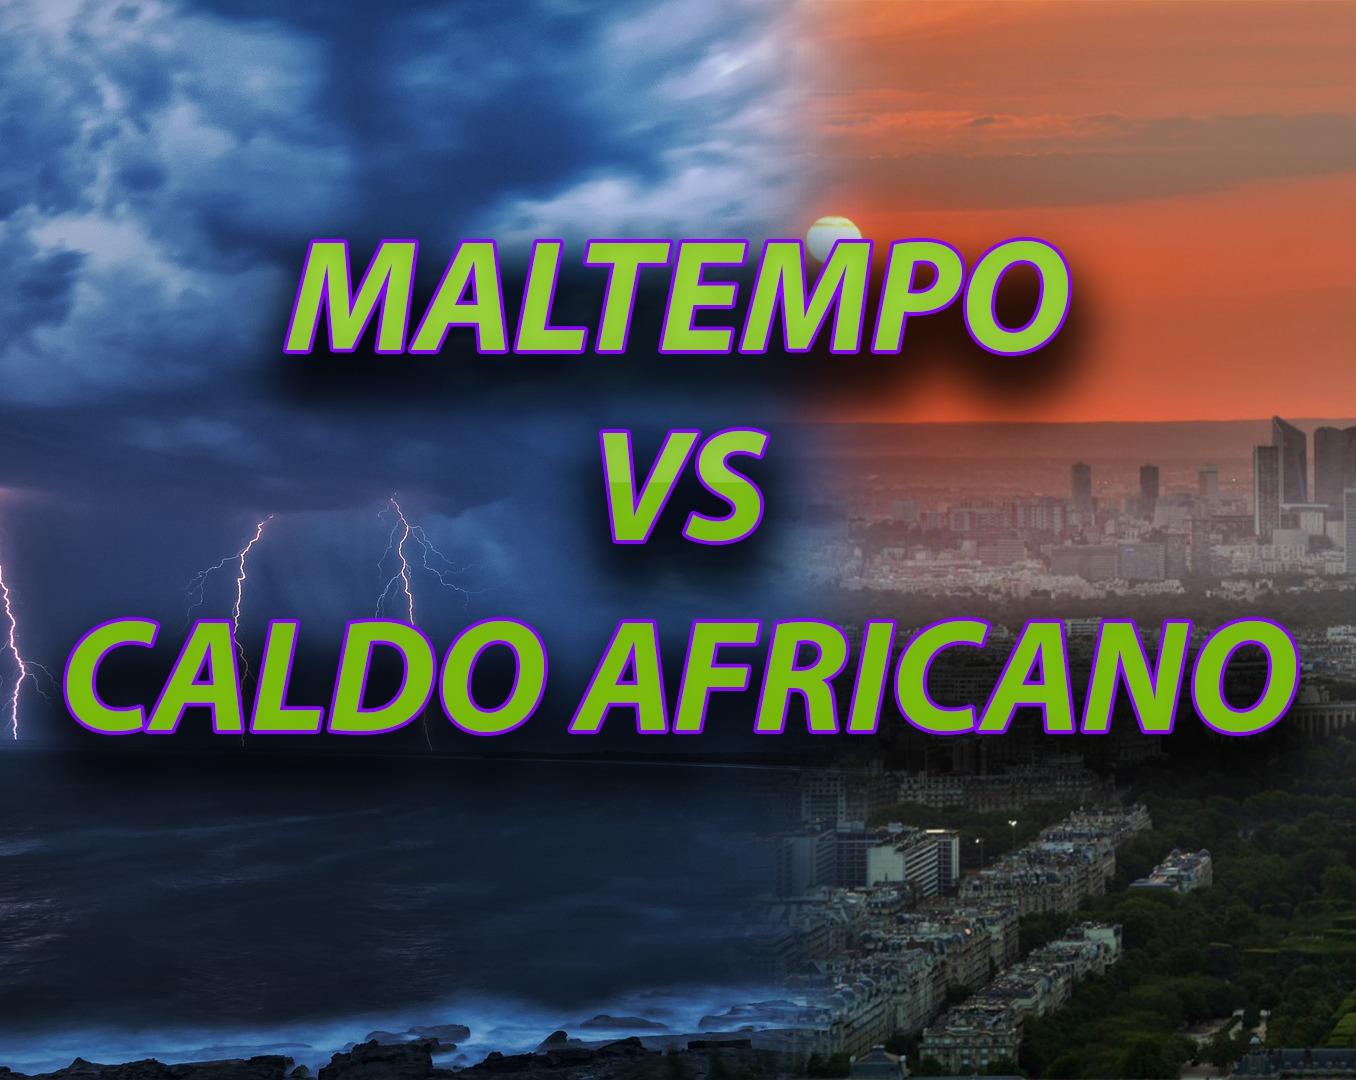 Dopo il maltempo torna il caldo africano?